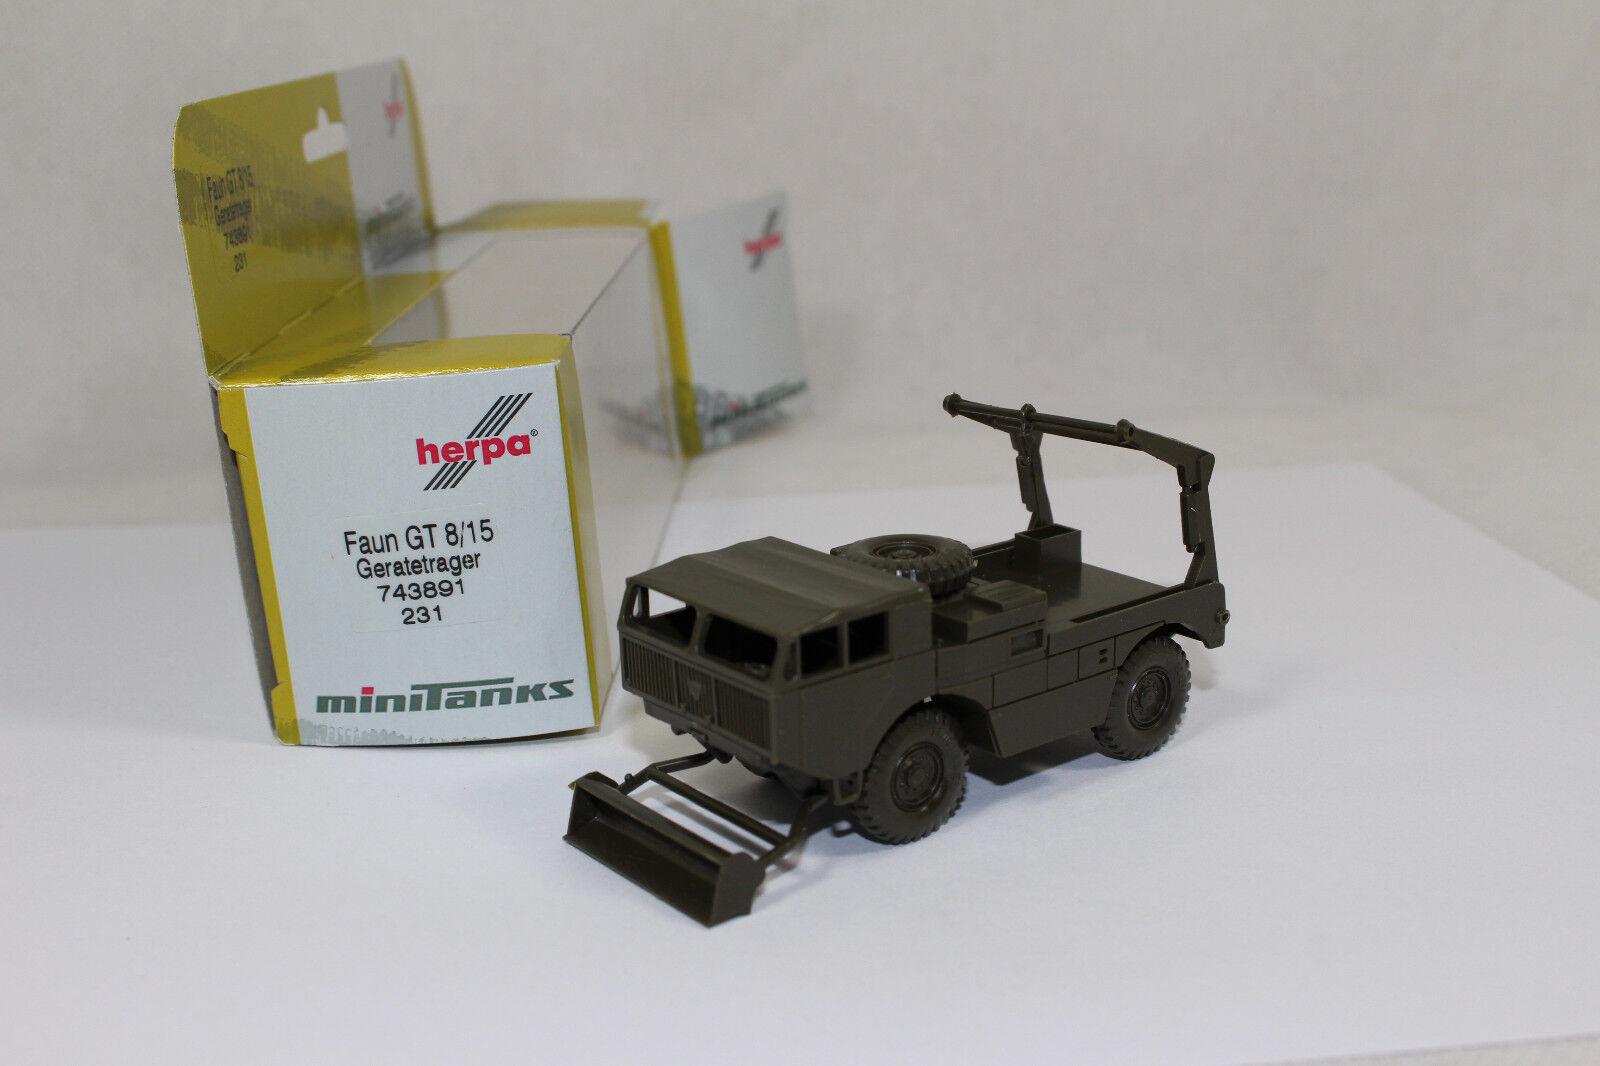 neu 1:87 Roco Minitanks 231 Faun Geräteträger